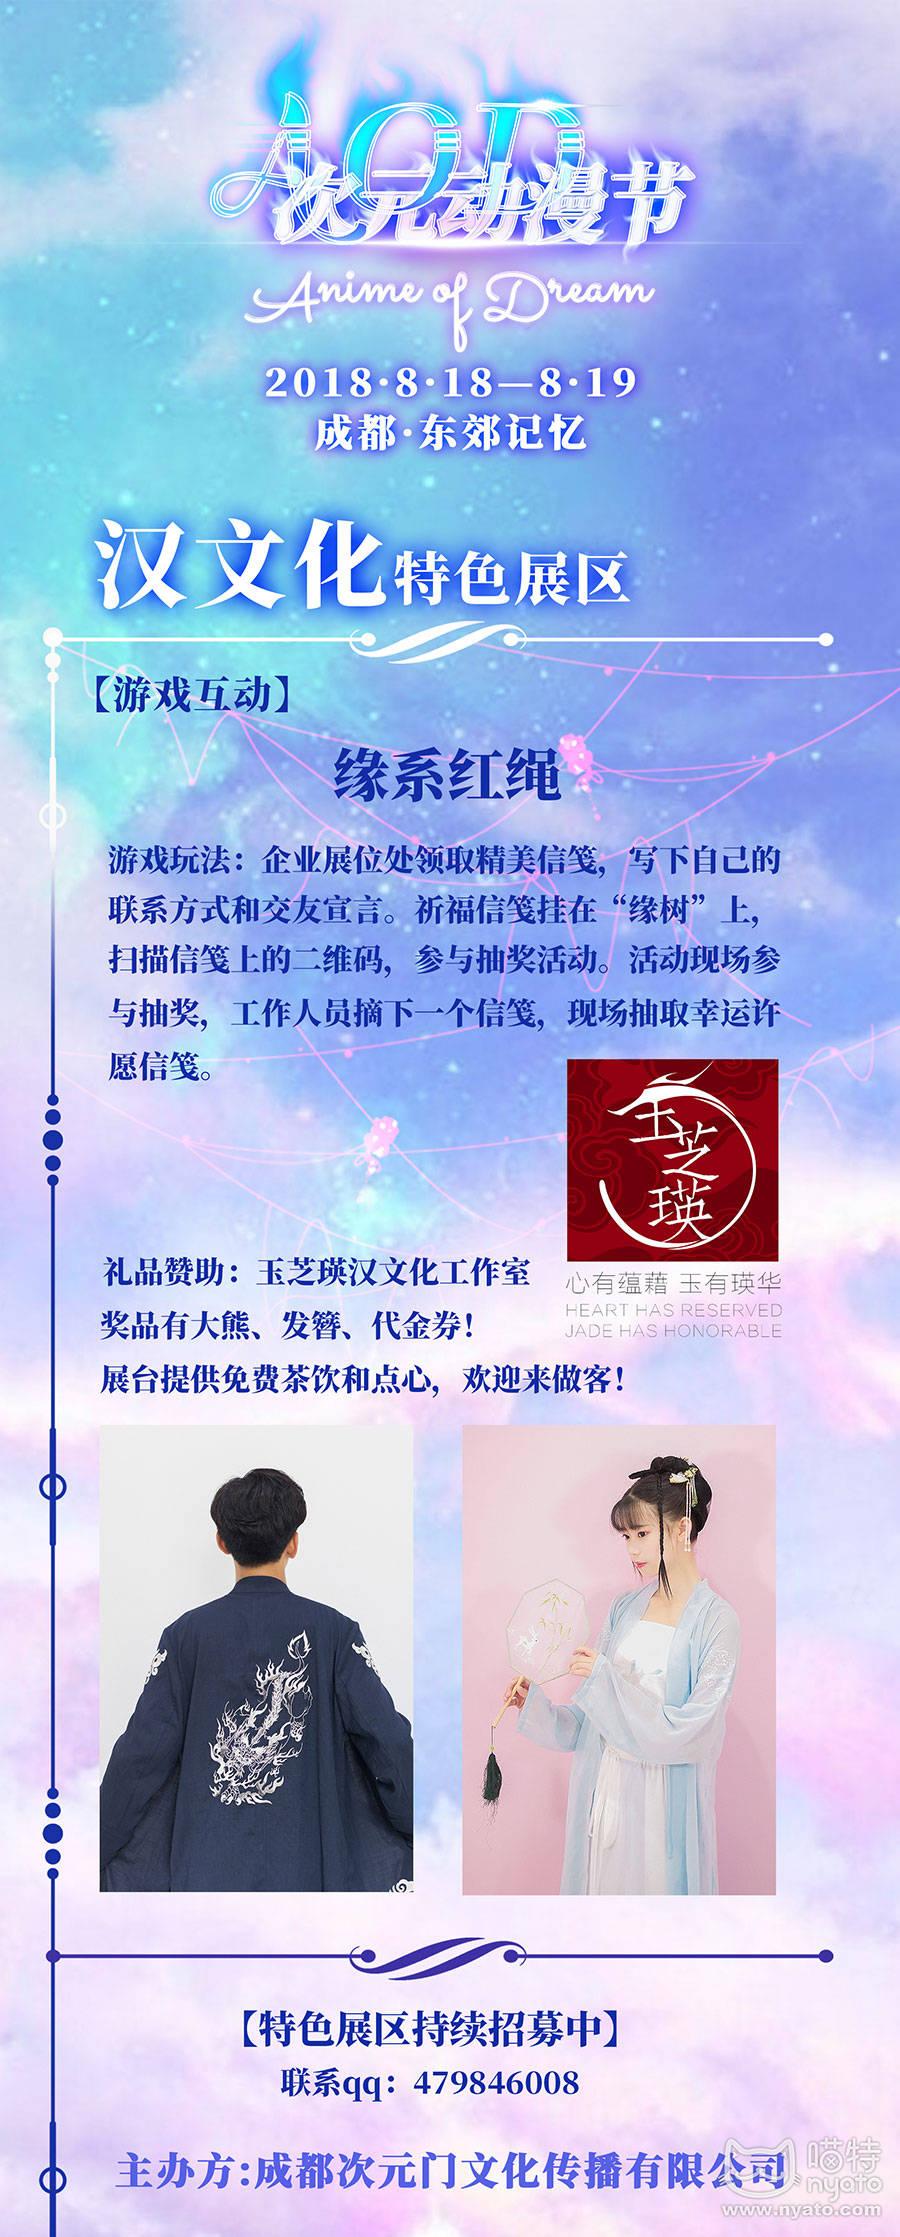 7汉文化专区玉芝瑛.jpg